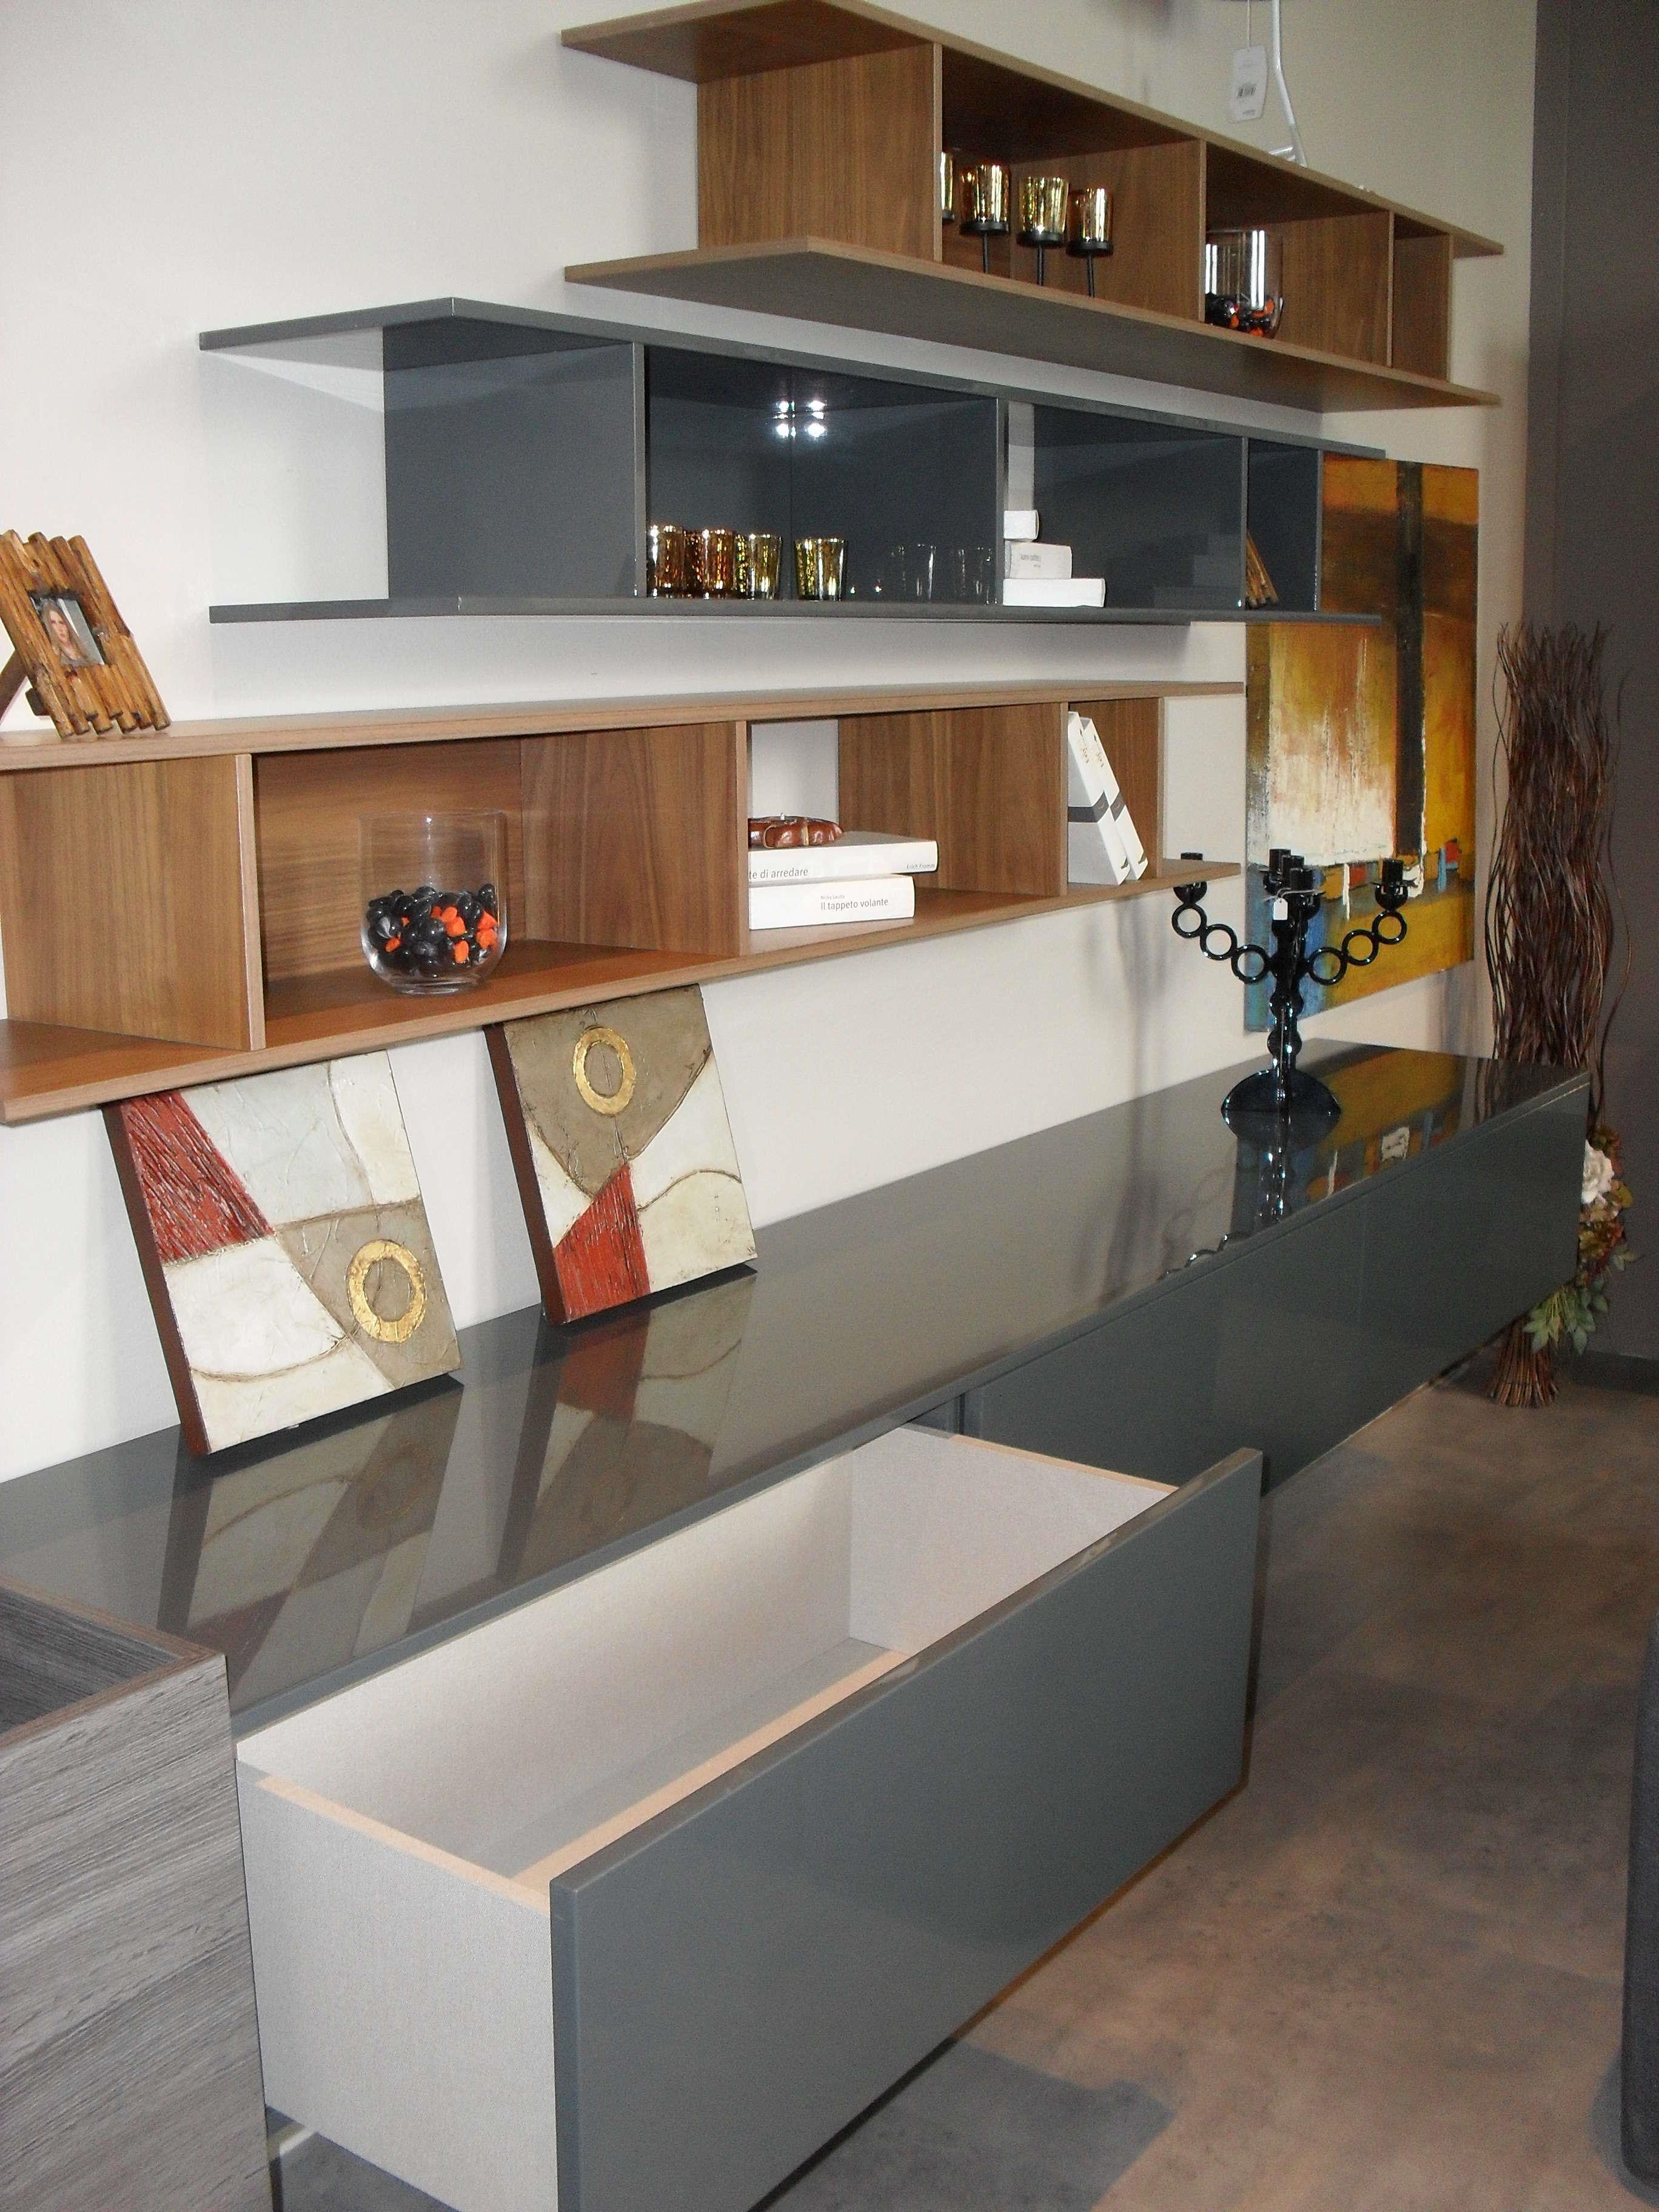 Soggiorno open design moderno scontato del 44 - Design soggiorno moderno ...